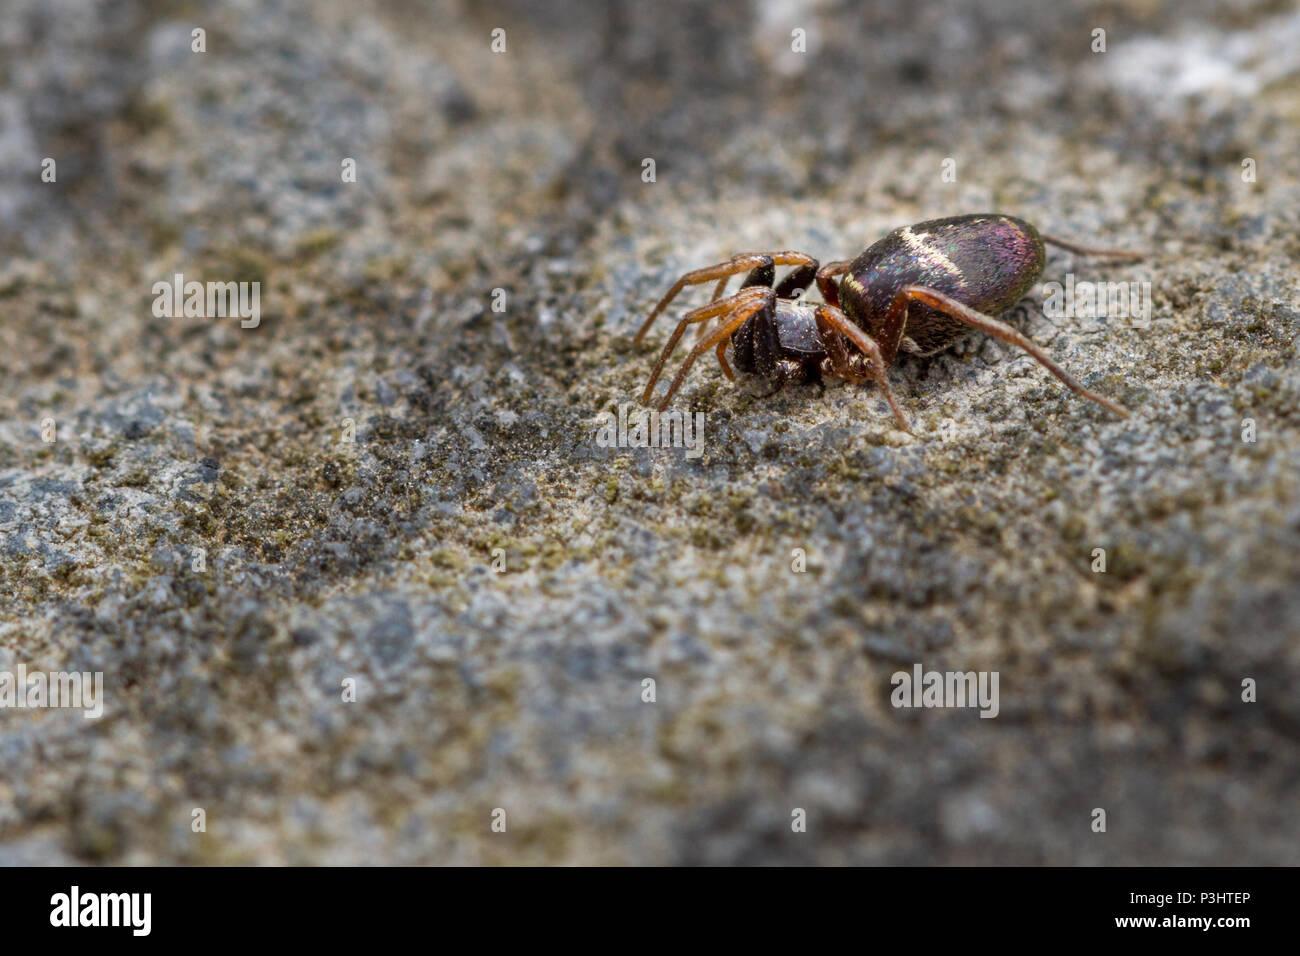 UK Wildlife: Die glänzende Ant nachahmen Spider Stockbild